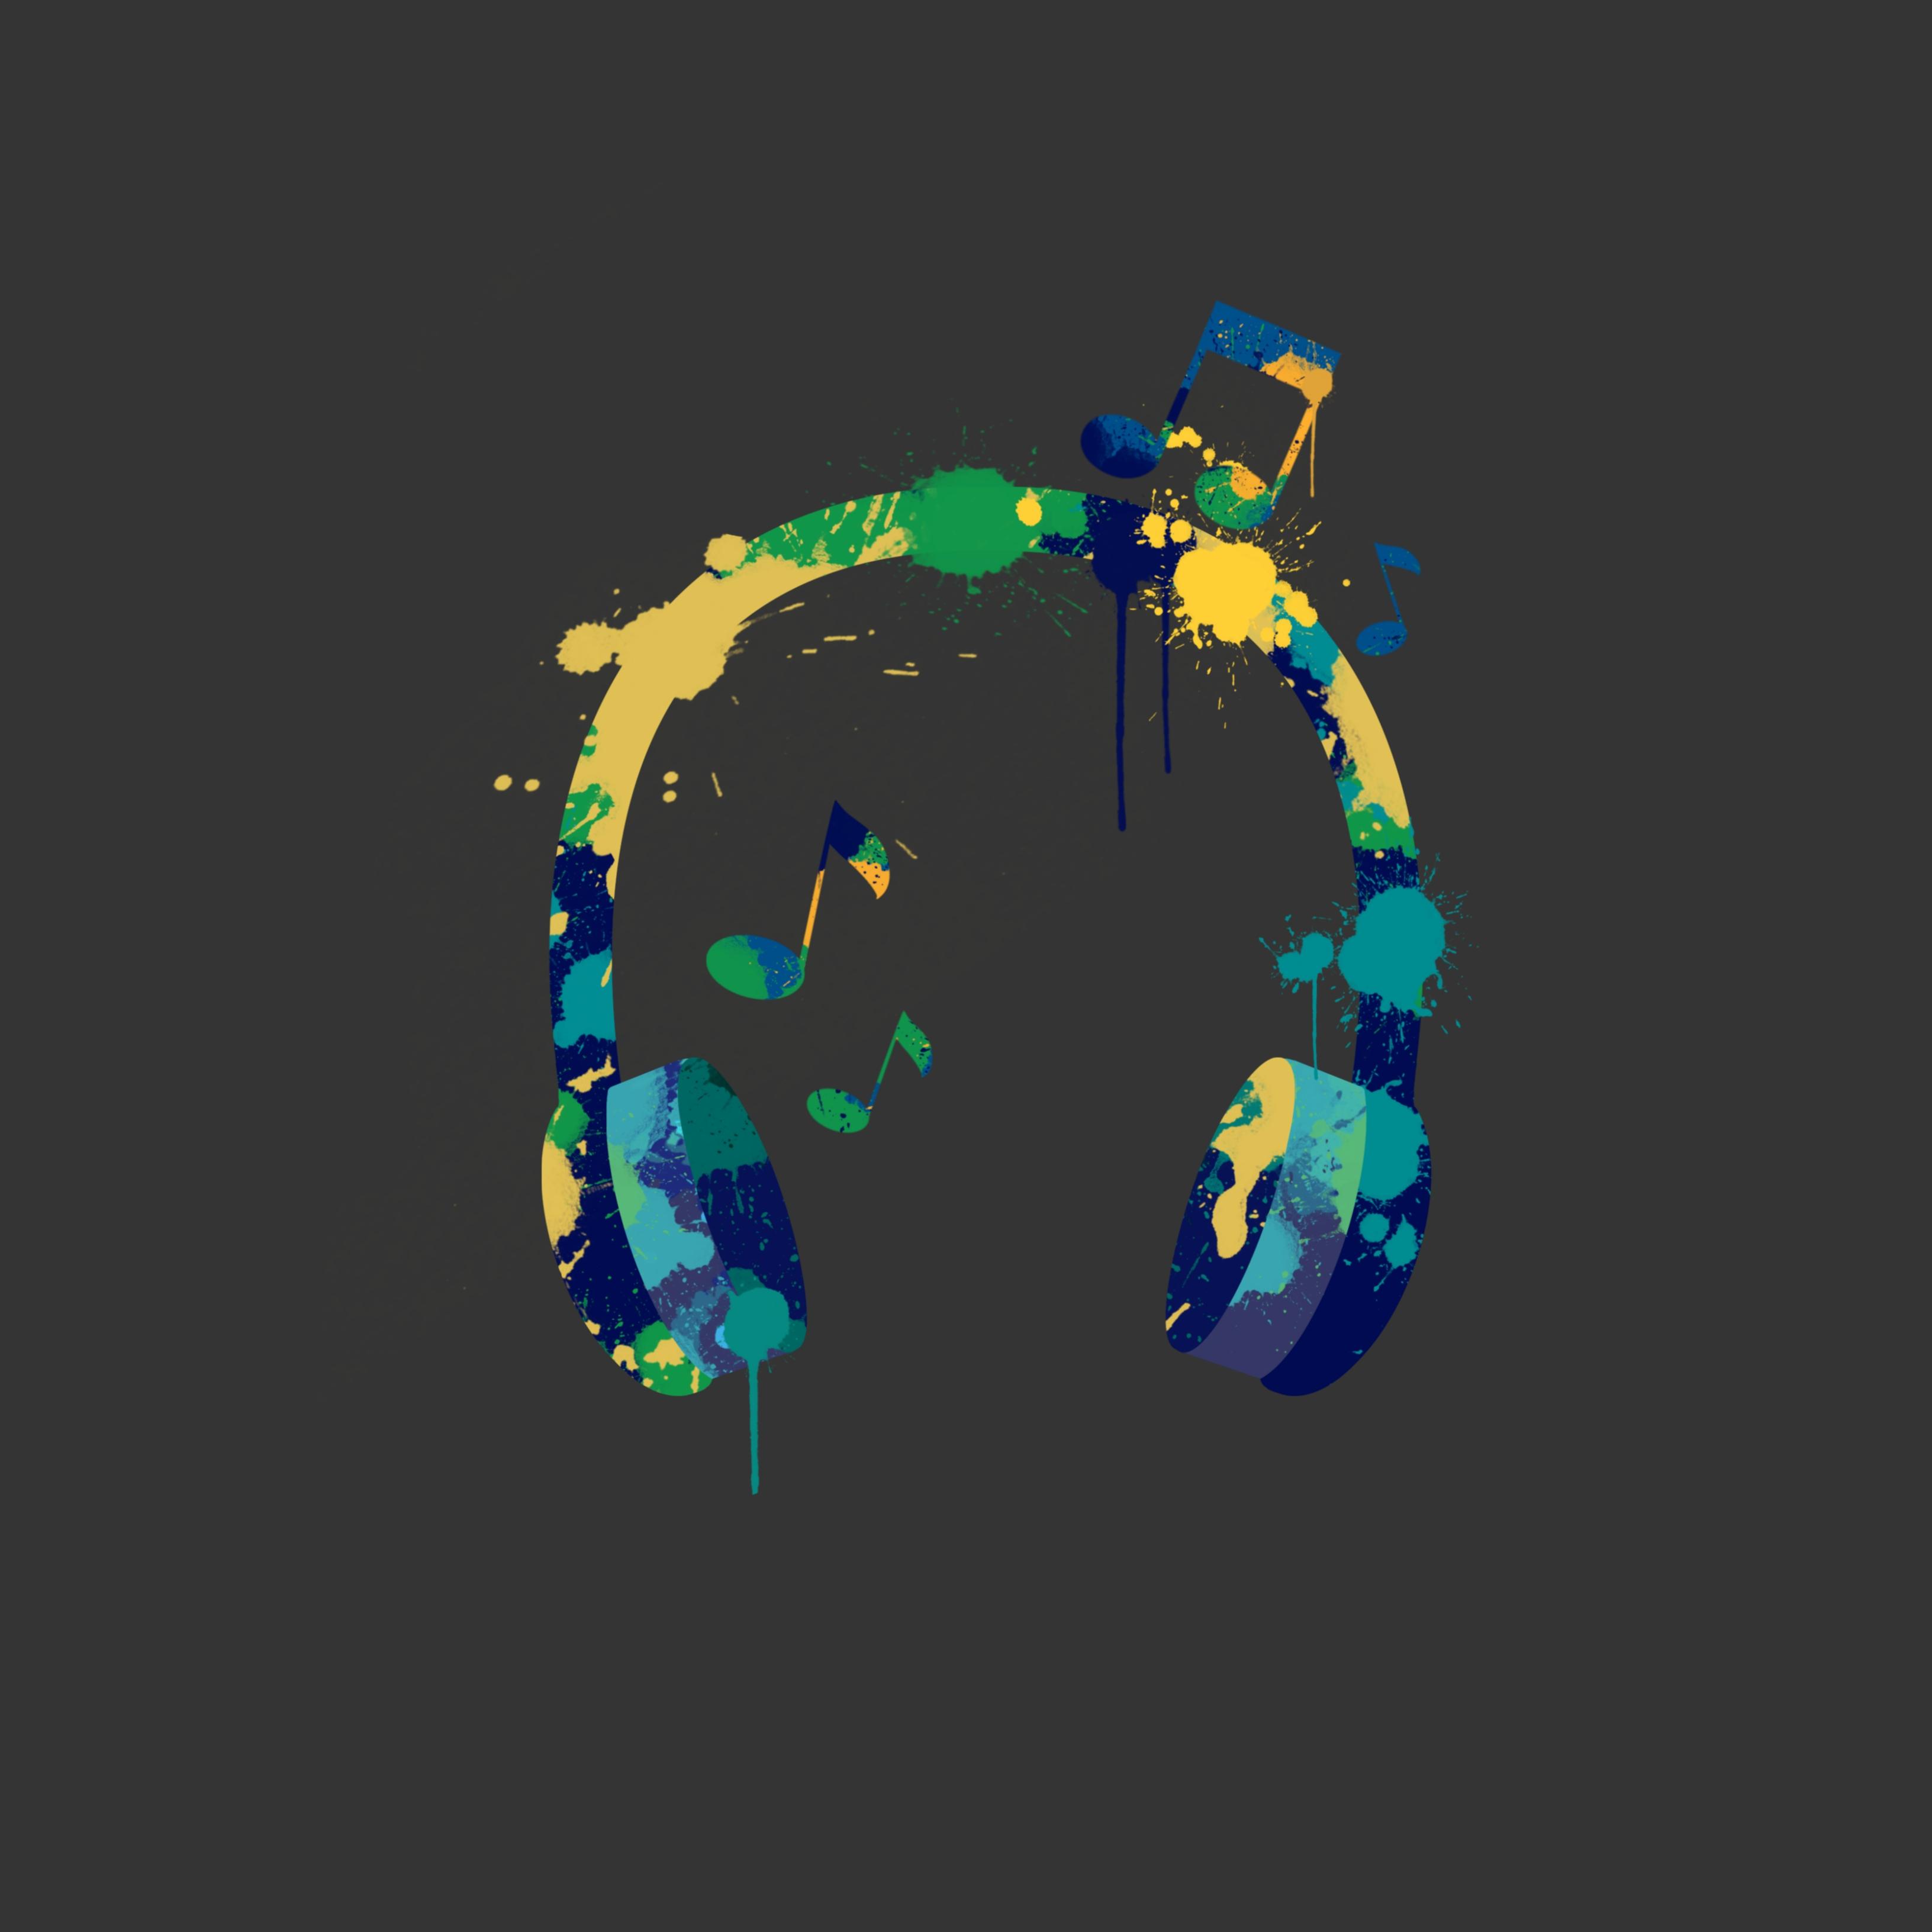 Music-downloader-bot